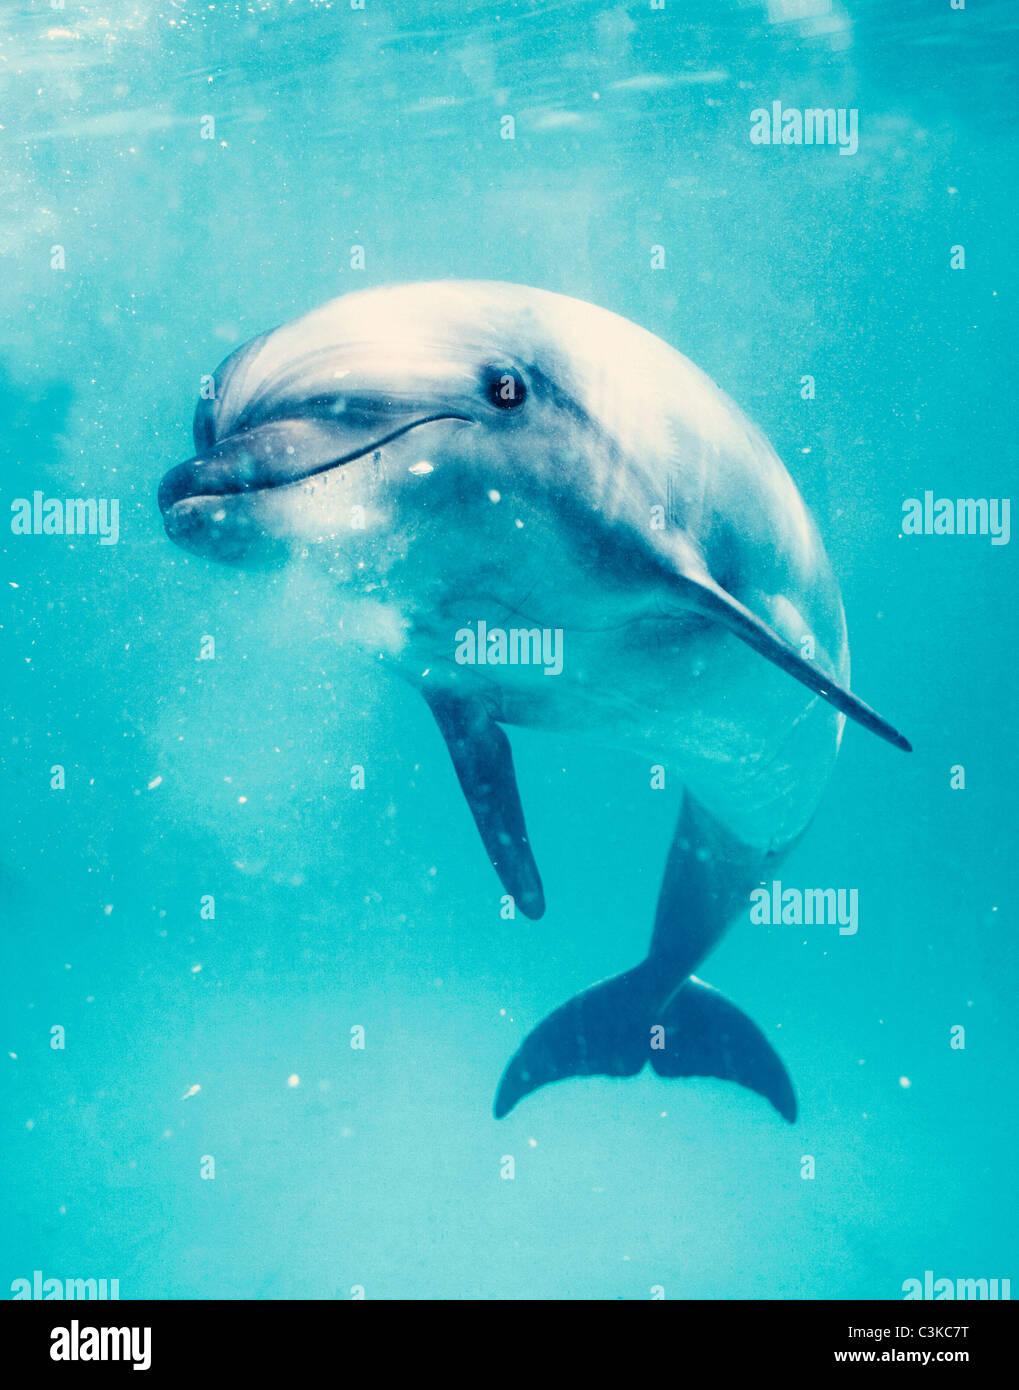 Bottlenosed dolphin underwater - Stock Image